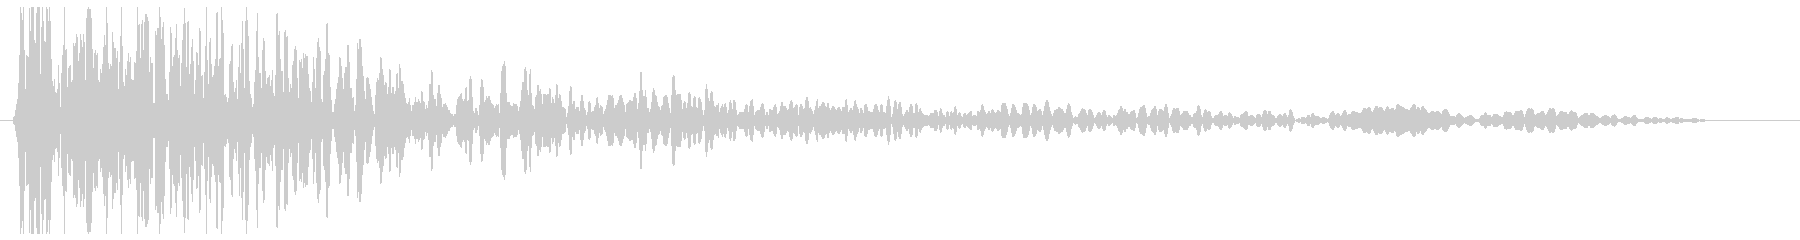 ドォォォン(爆発音)の未再生の波形